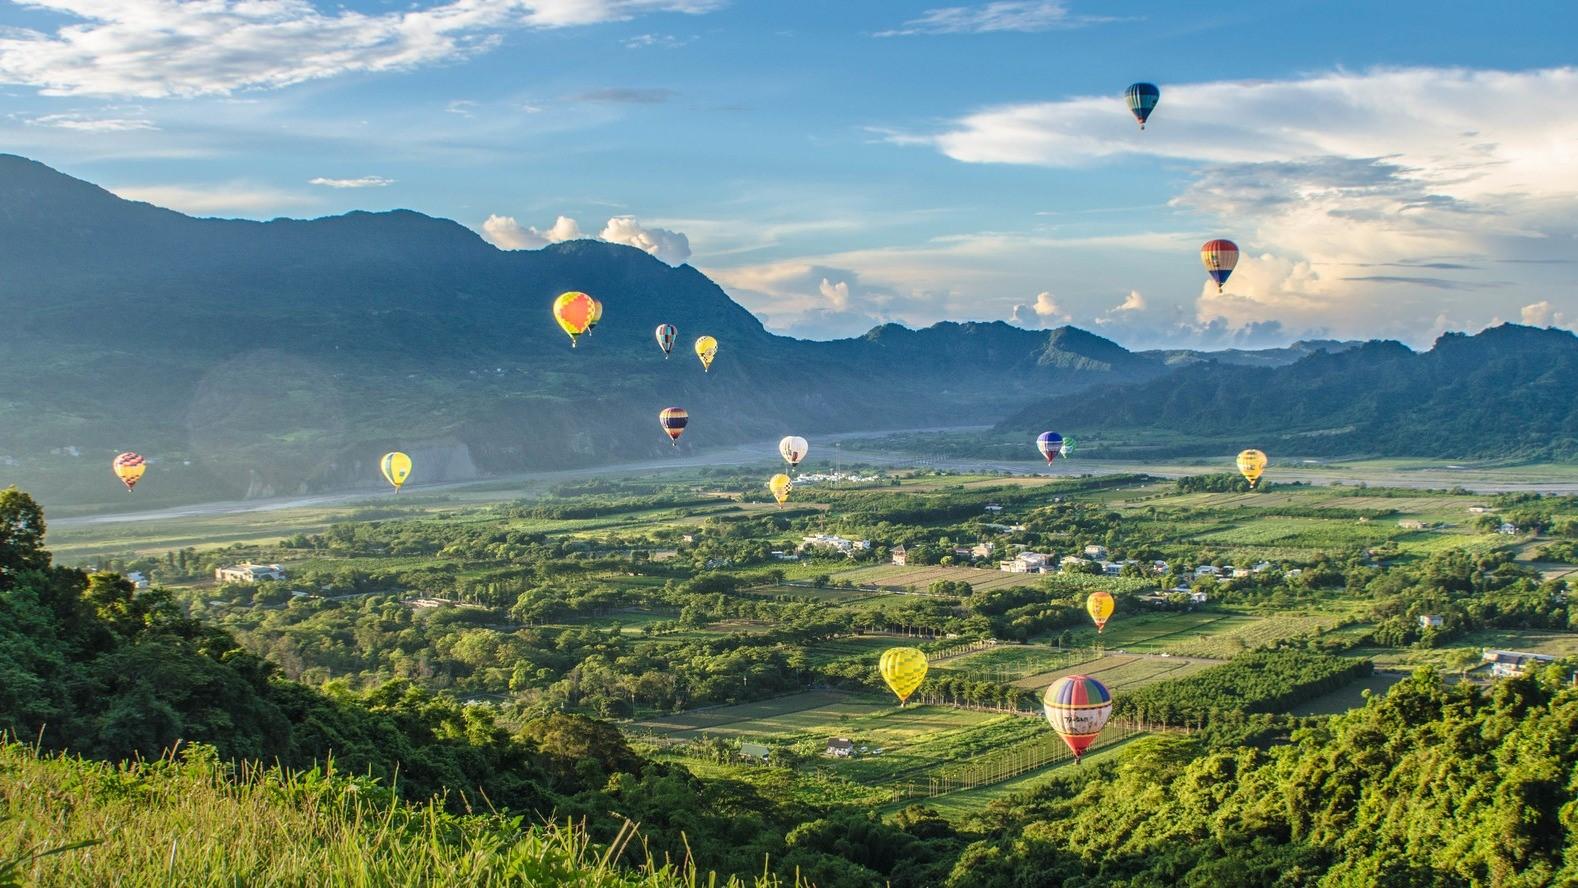 暑假限定台東小旅行!熱氣球嘉年華開跑加IG打卡私房台東景點!